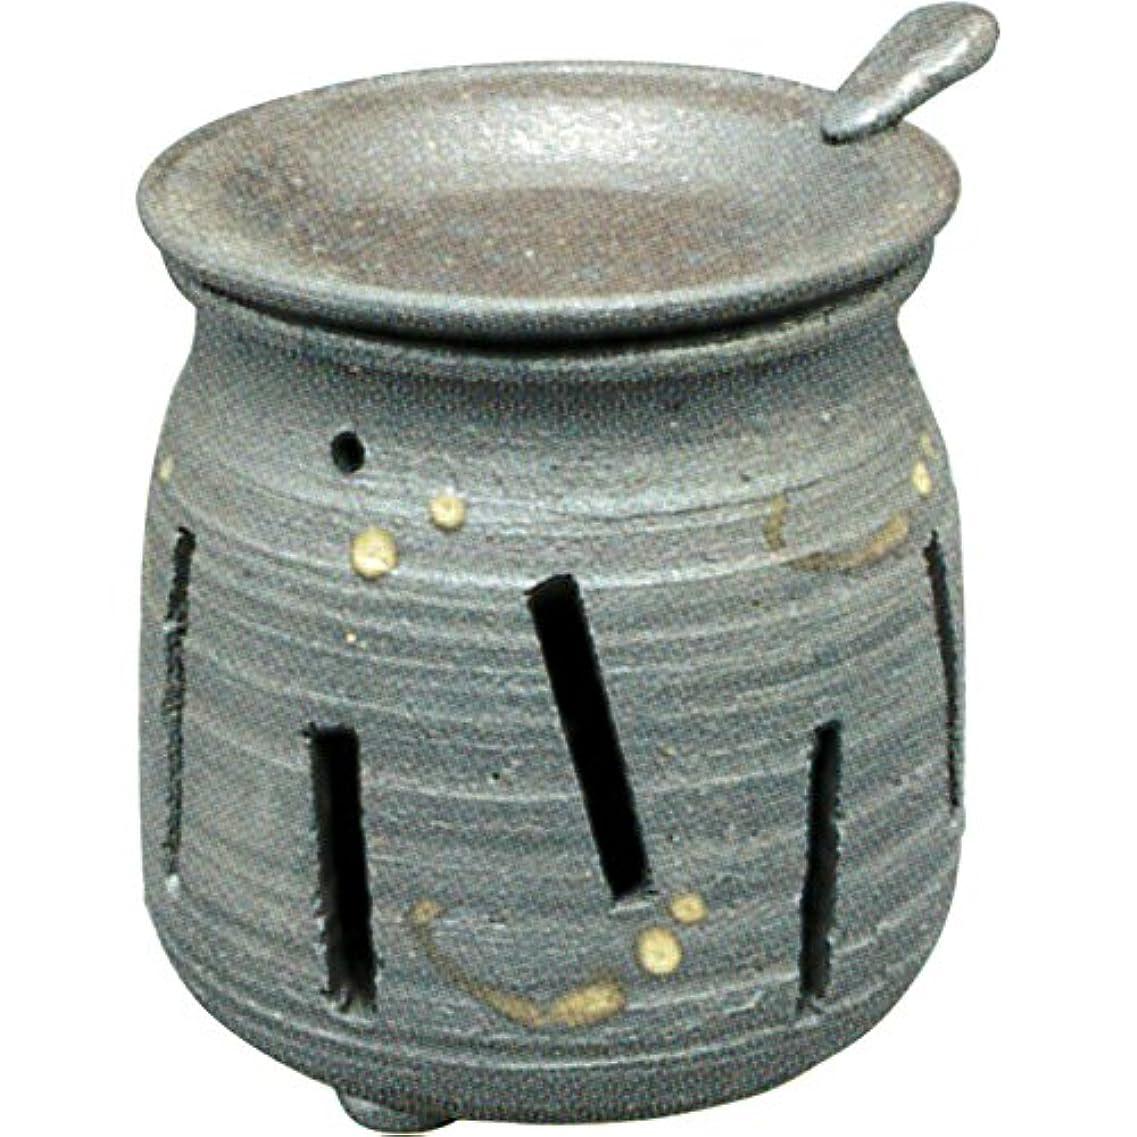 一貫性のない涙契約常滑焼 : 焜清 茶香炉 ル36-05